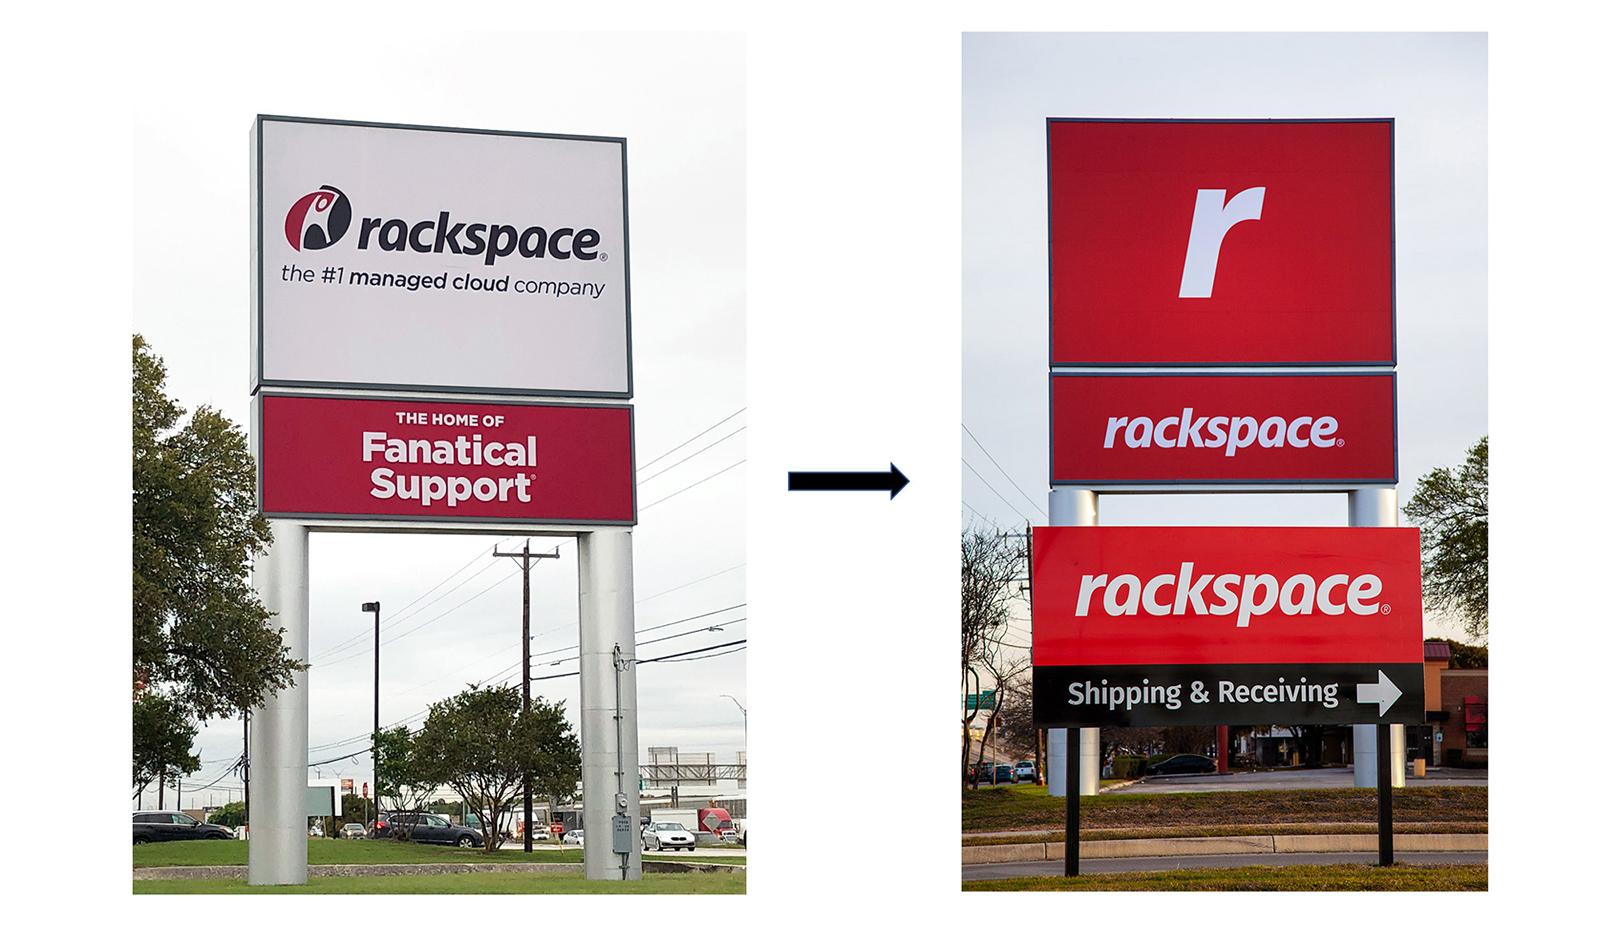 Rackspace 数字运用平台启用全新的品牌VI设计-深圳vi设计6